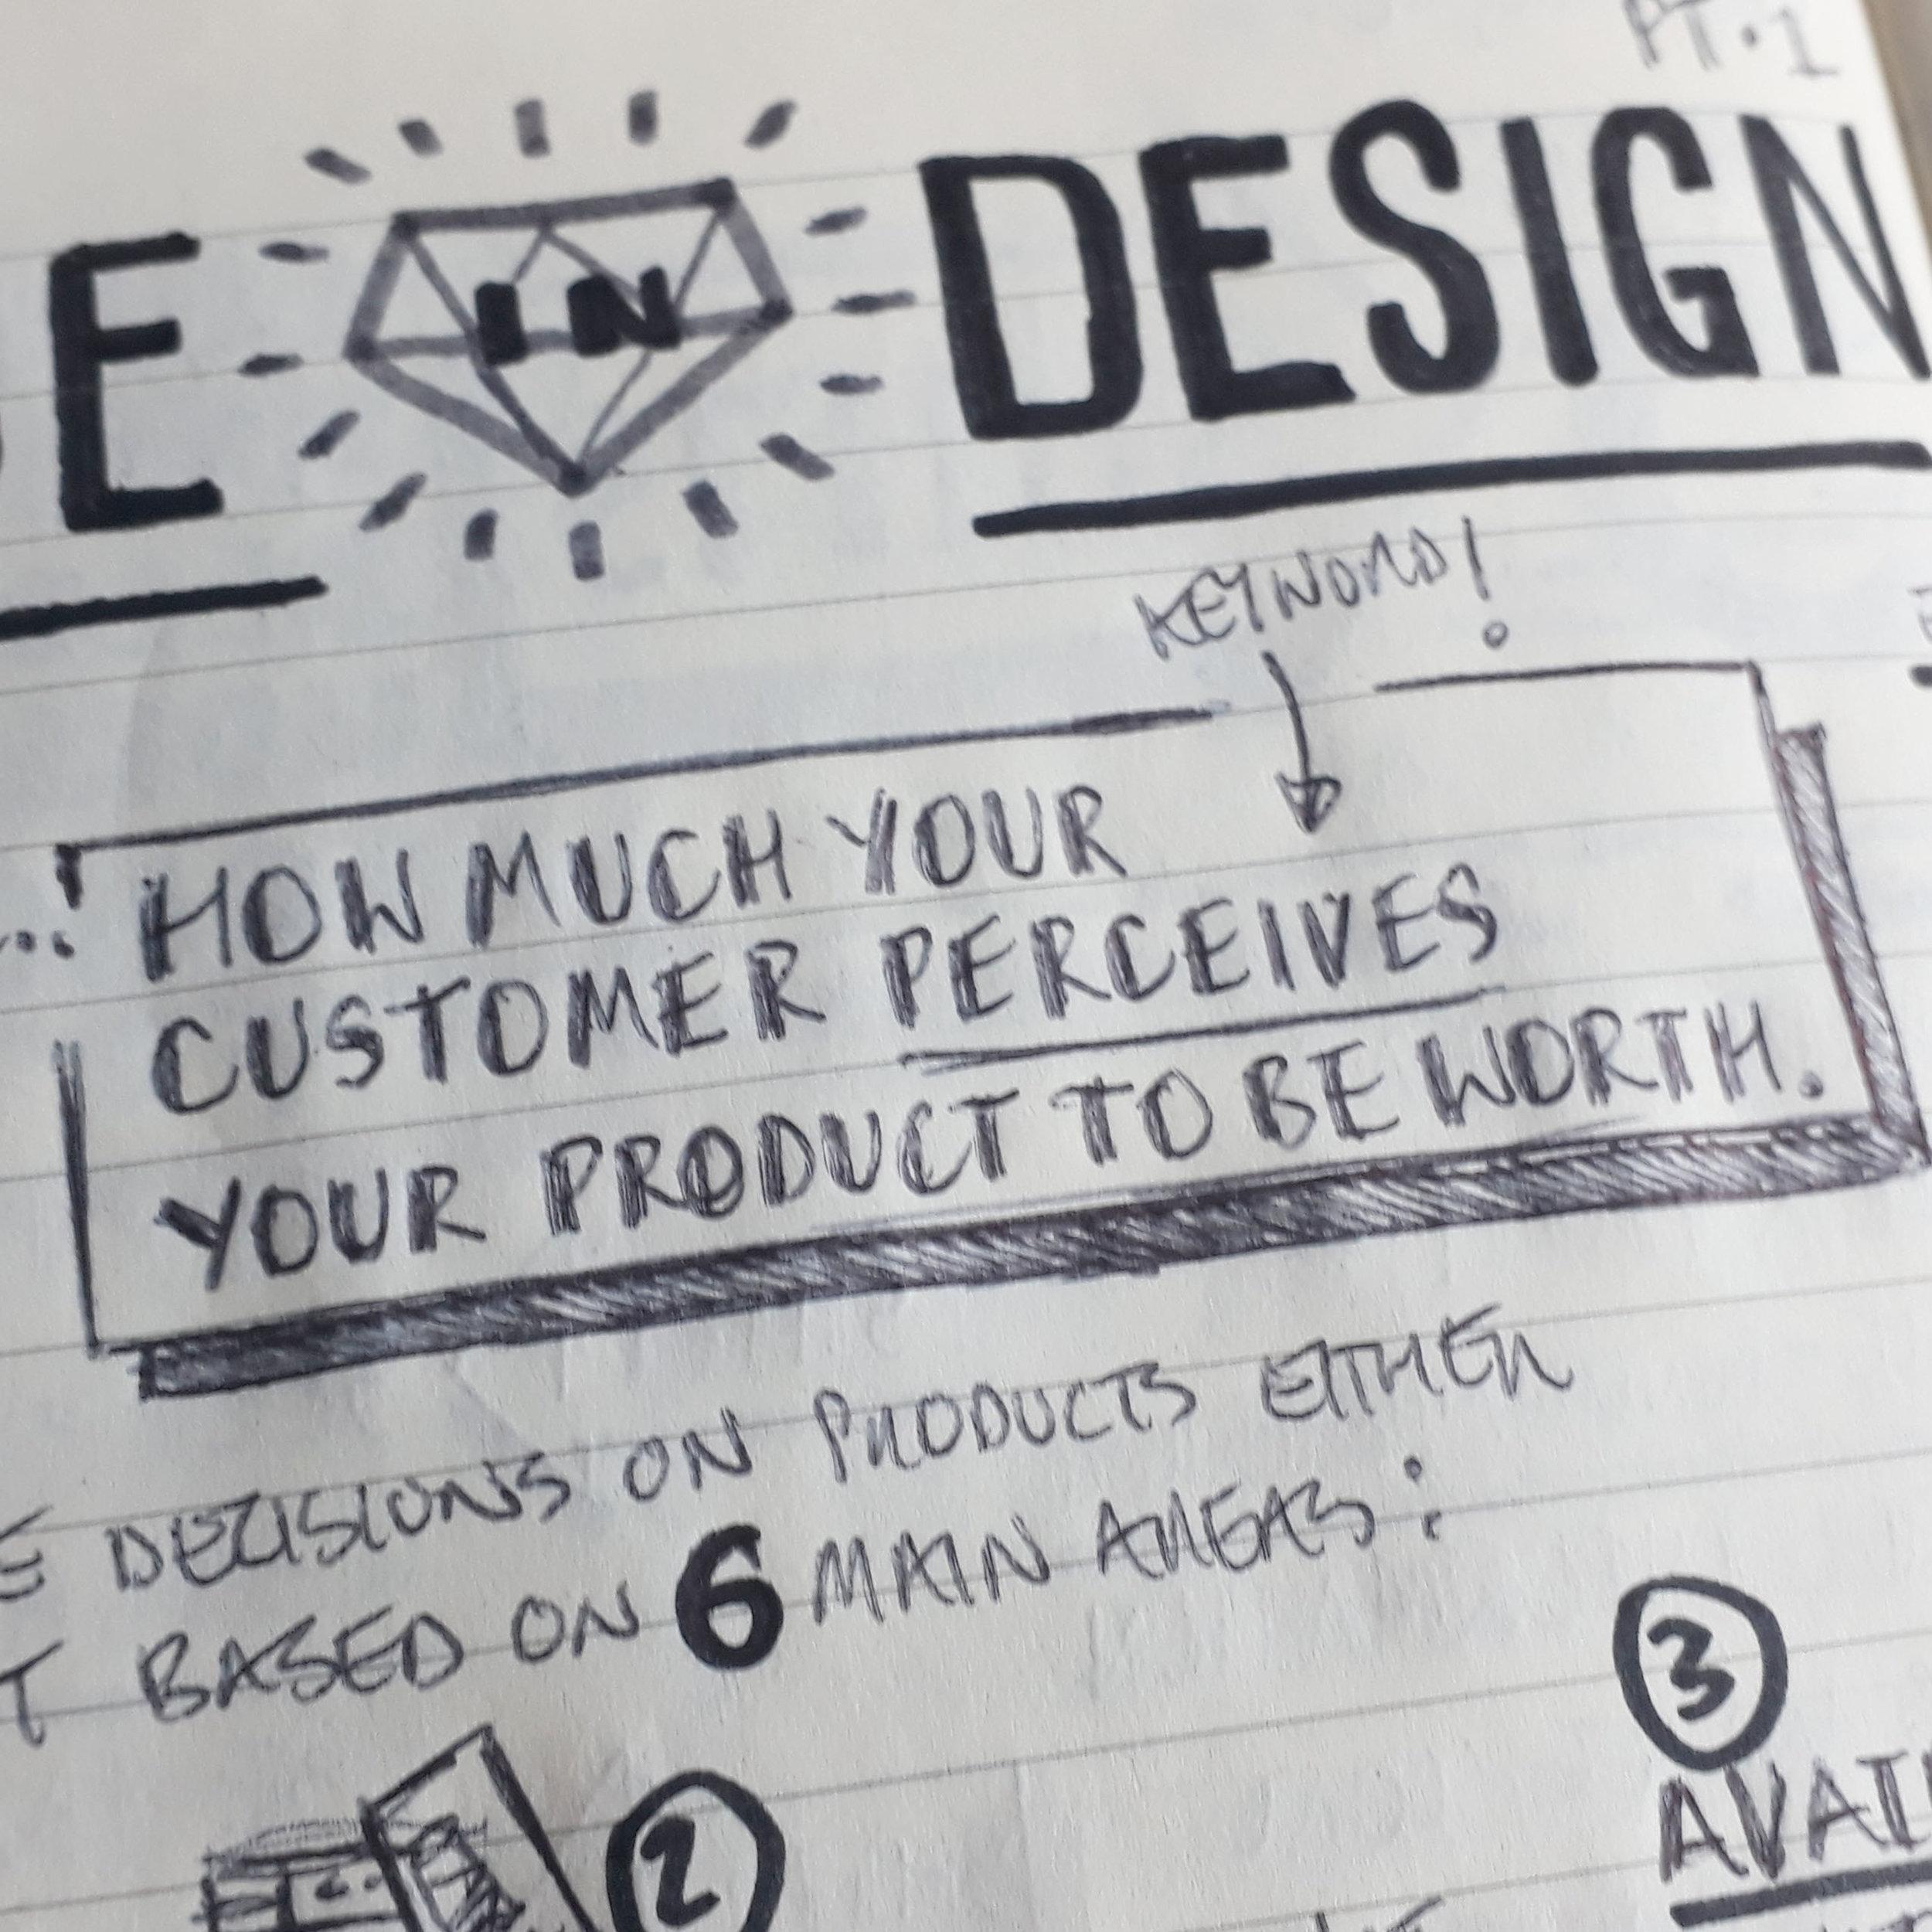 ValueInDesign-Part1.2.jpg